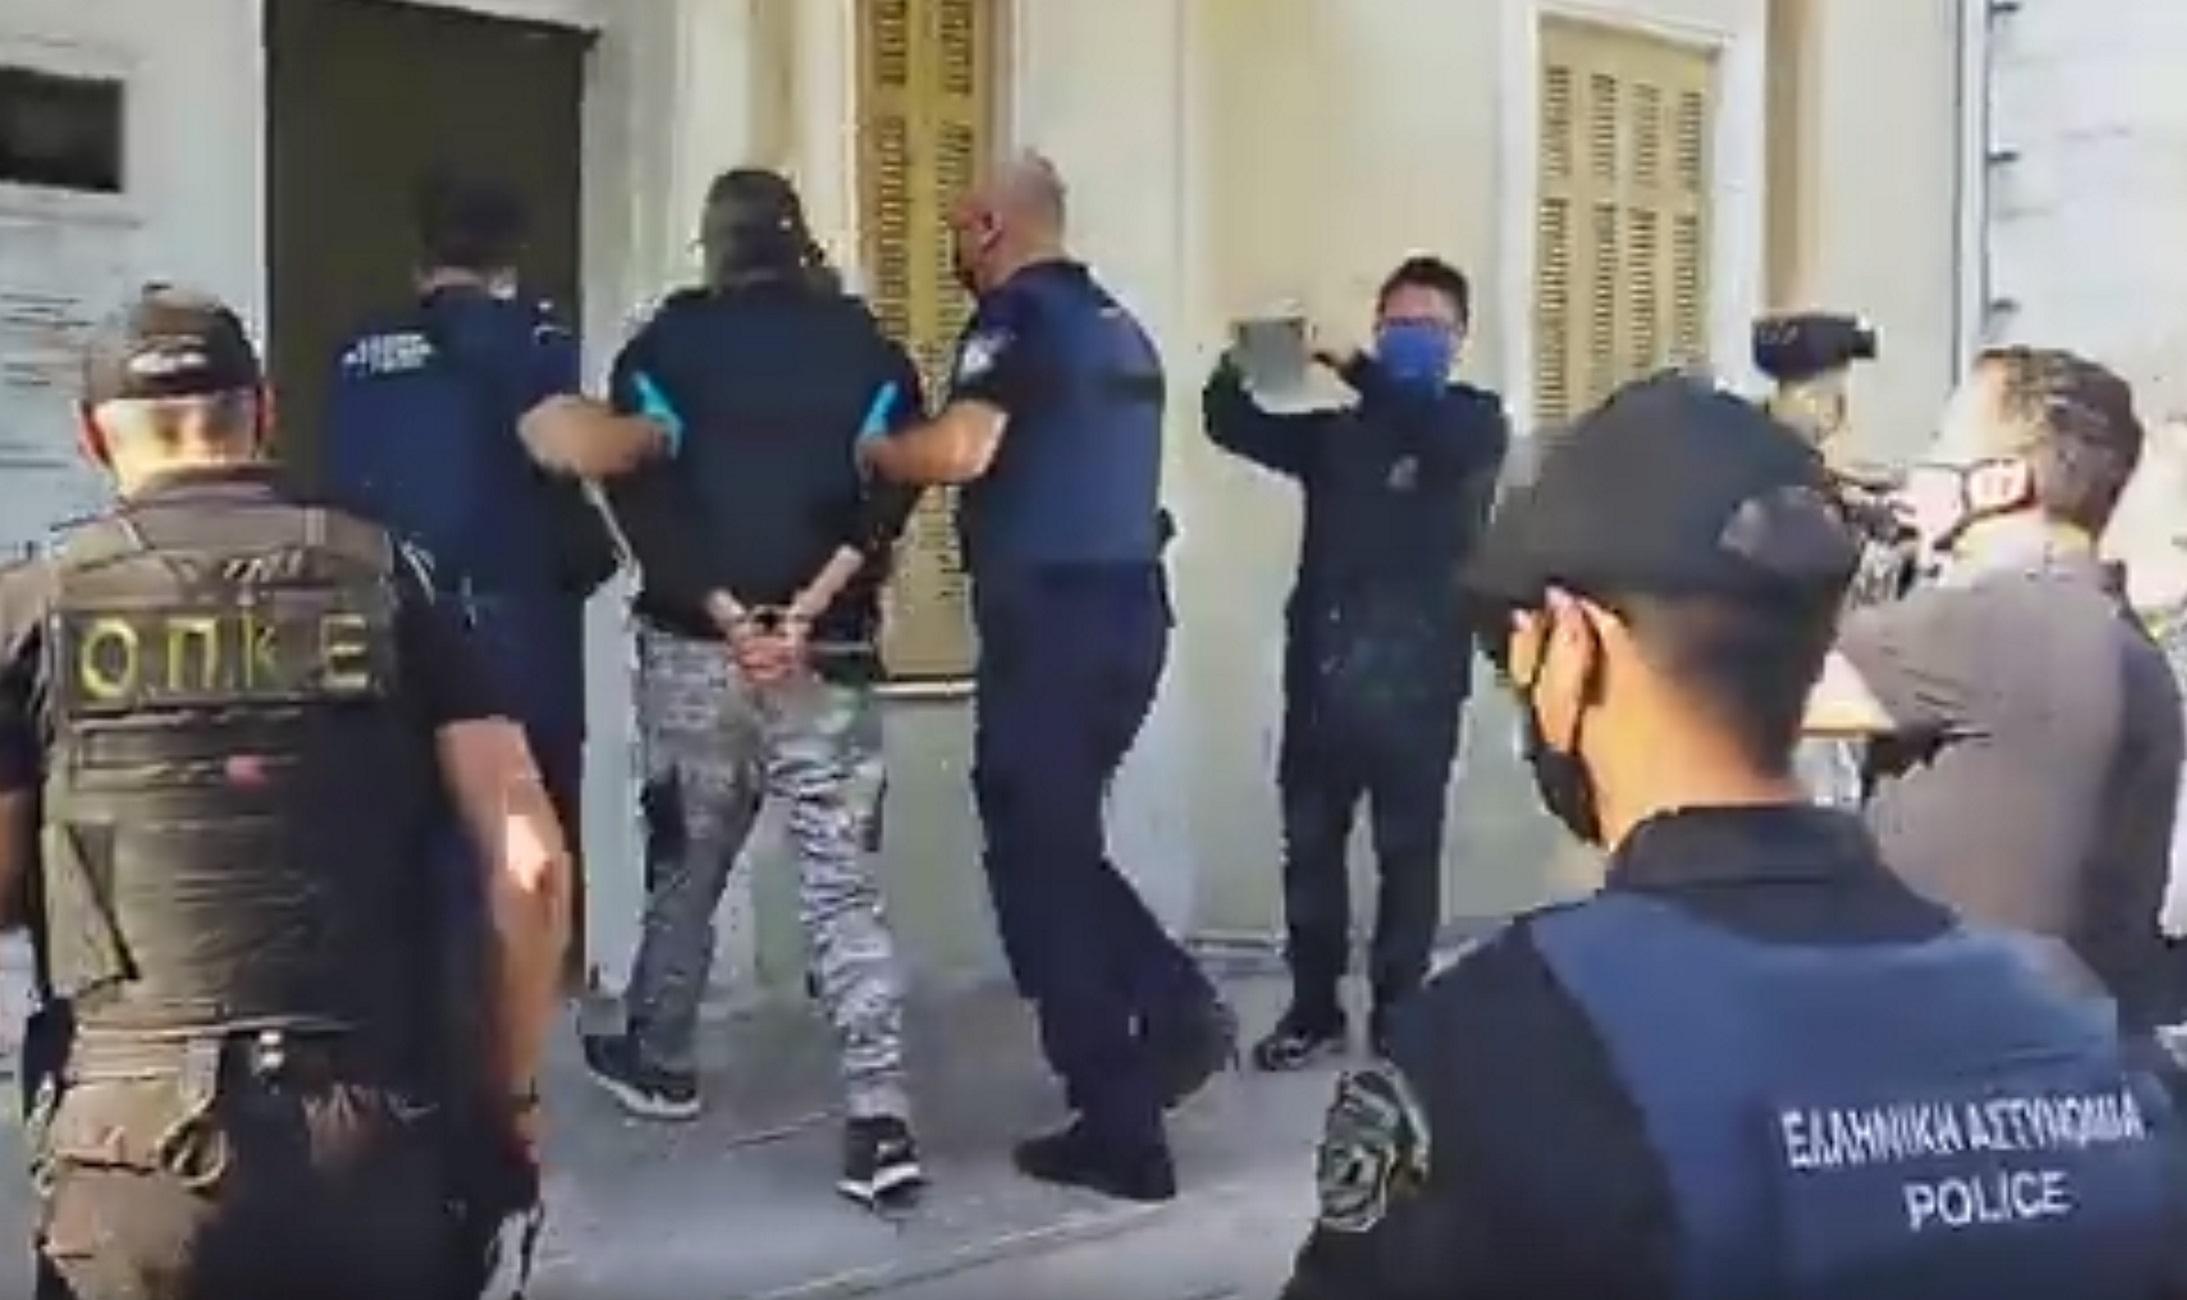 Φλώρινα: «Κτήνος να σαπίσεις» – Οργή στα δικαστήρια για τον δράστη της επίθεσης με τσεκούρι στη ΔΟΥ Κοζάνης